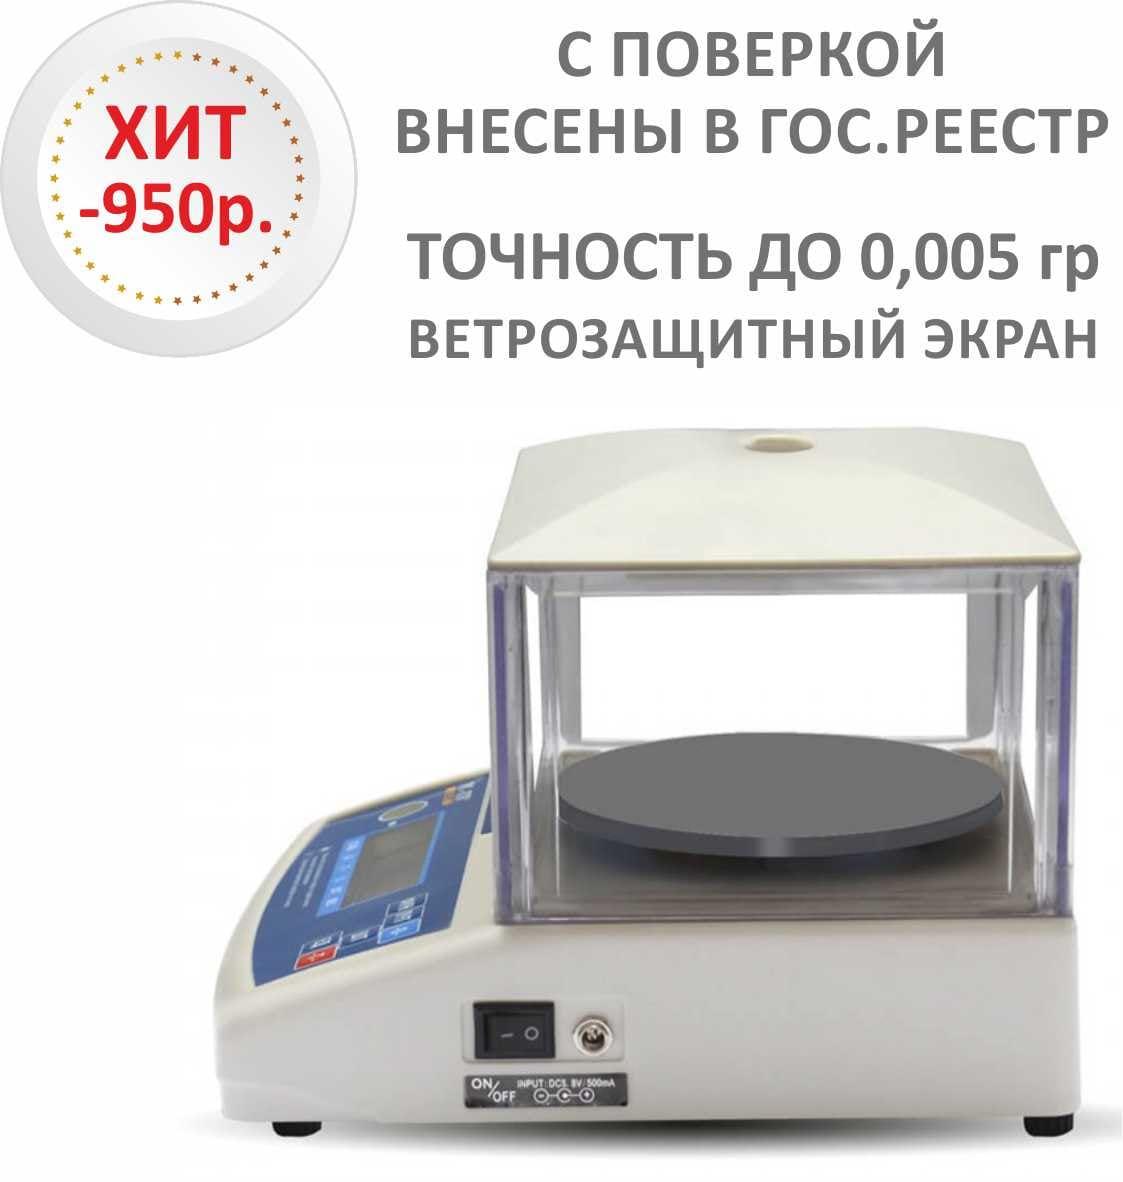 Весы лабораторные/аналитические M-ER 122 АCFJR-300.005 ACCURATE LCD - вид сбоку